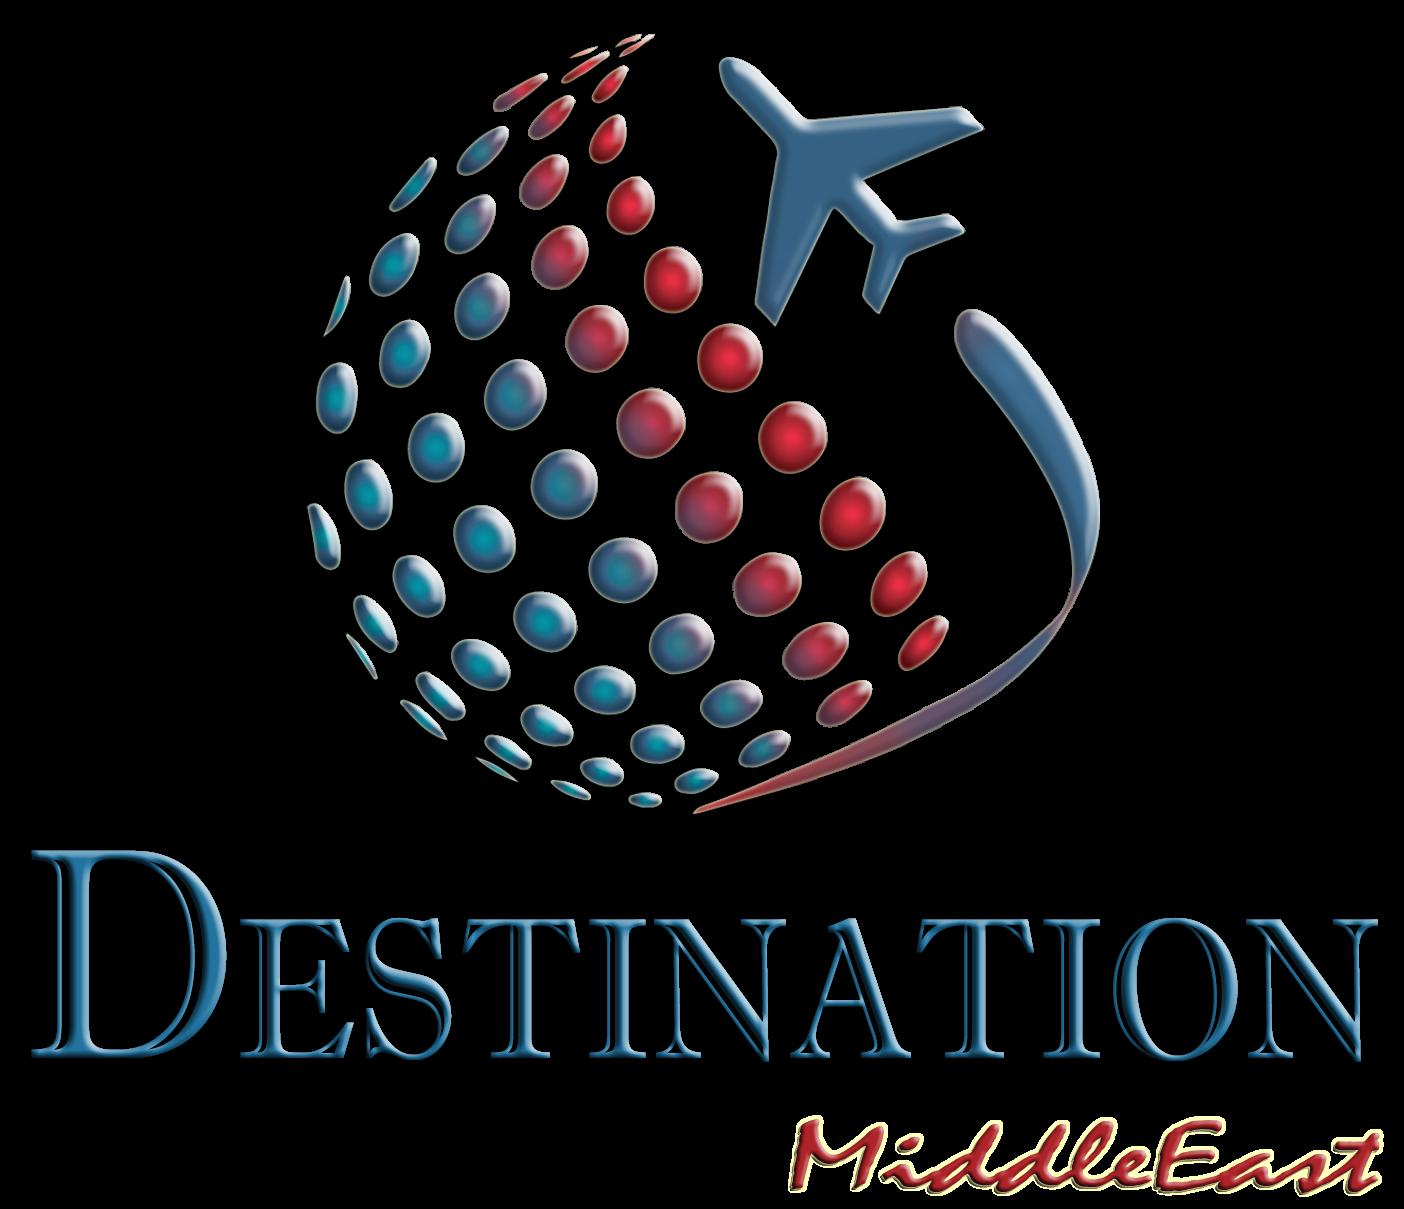 Destination MiddleEast Group